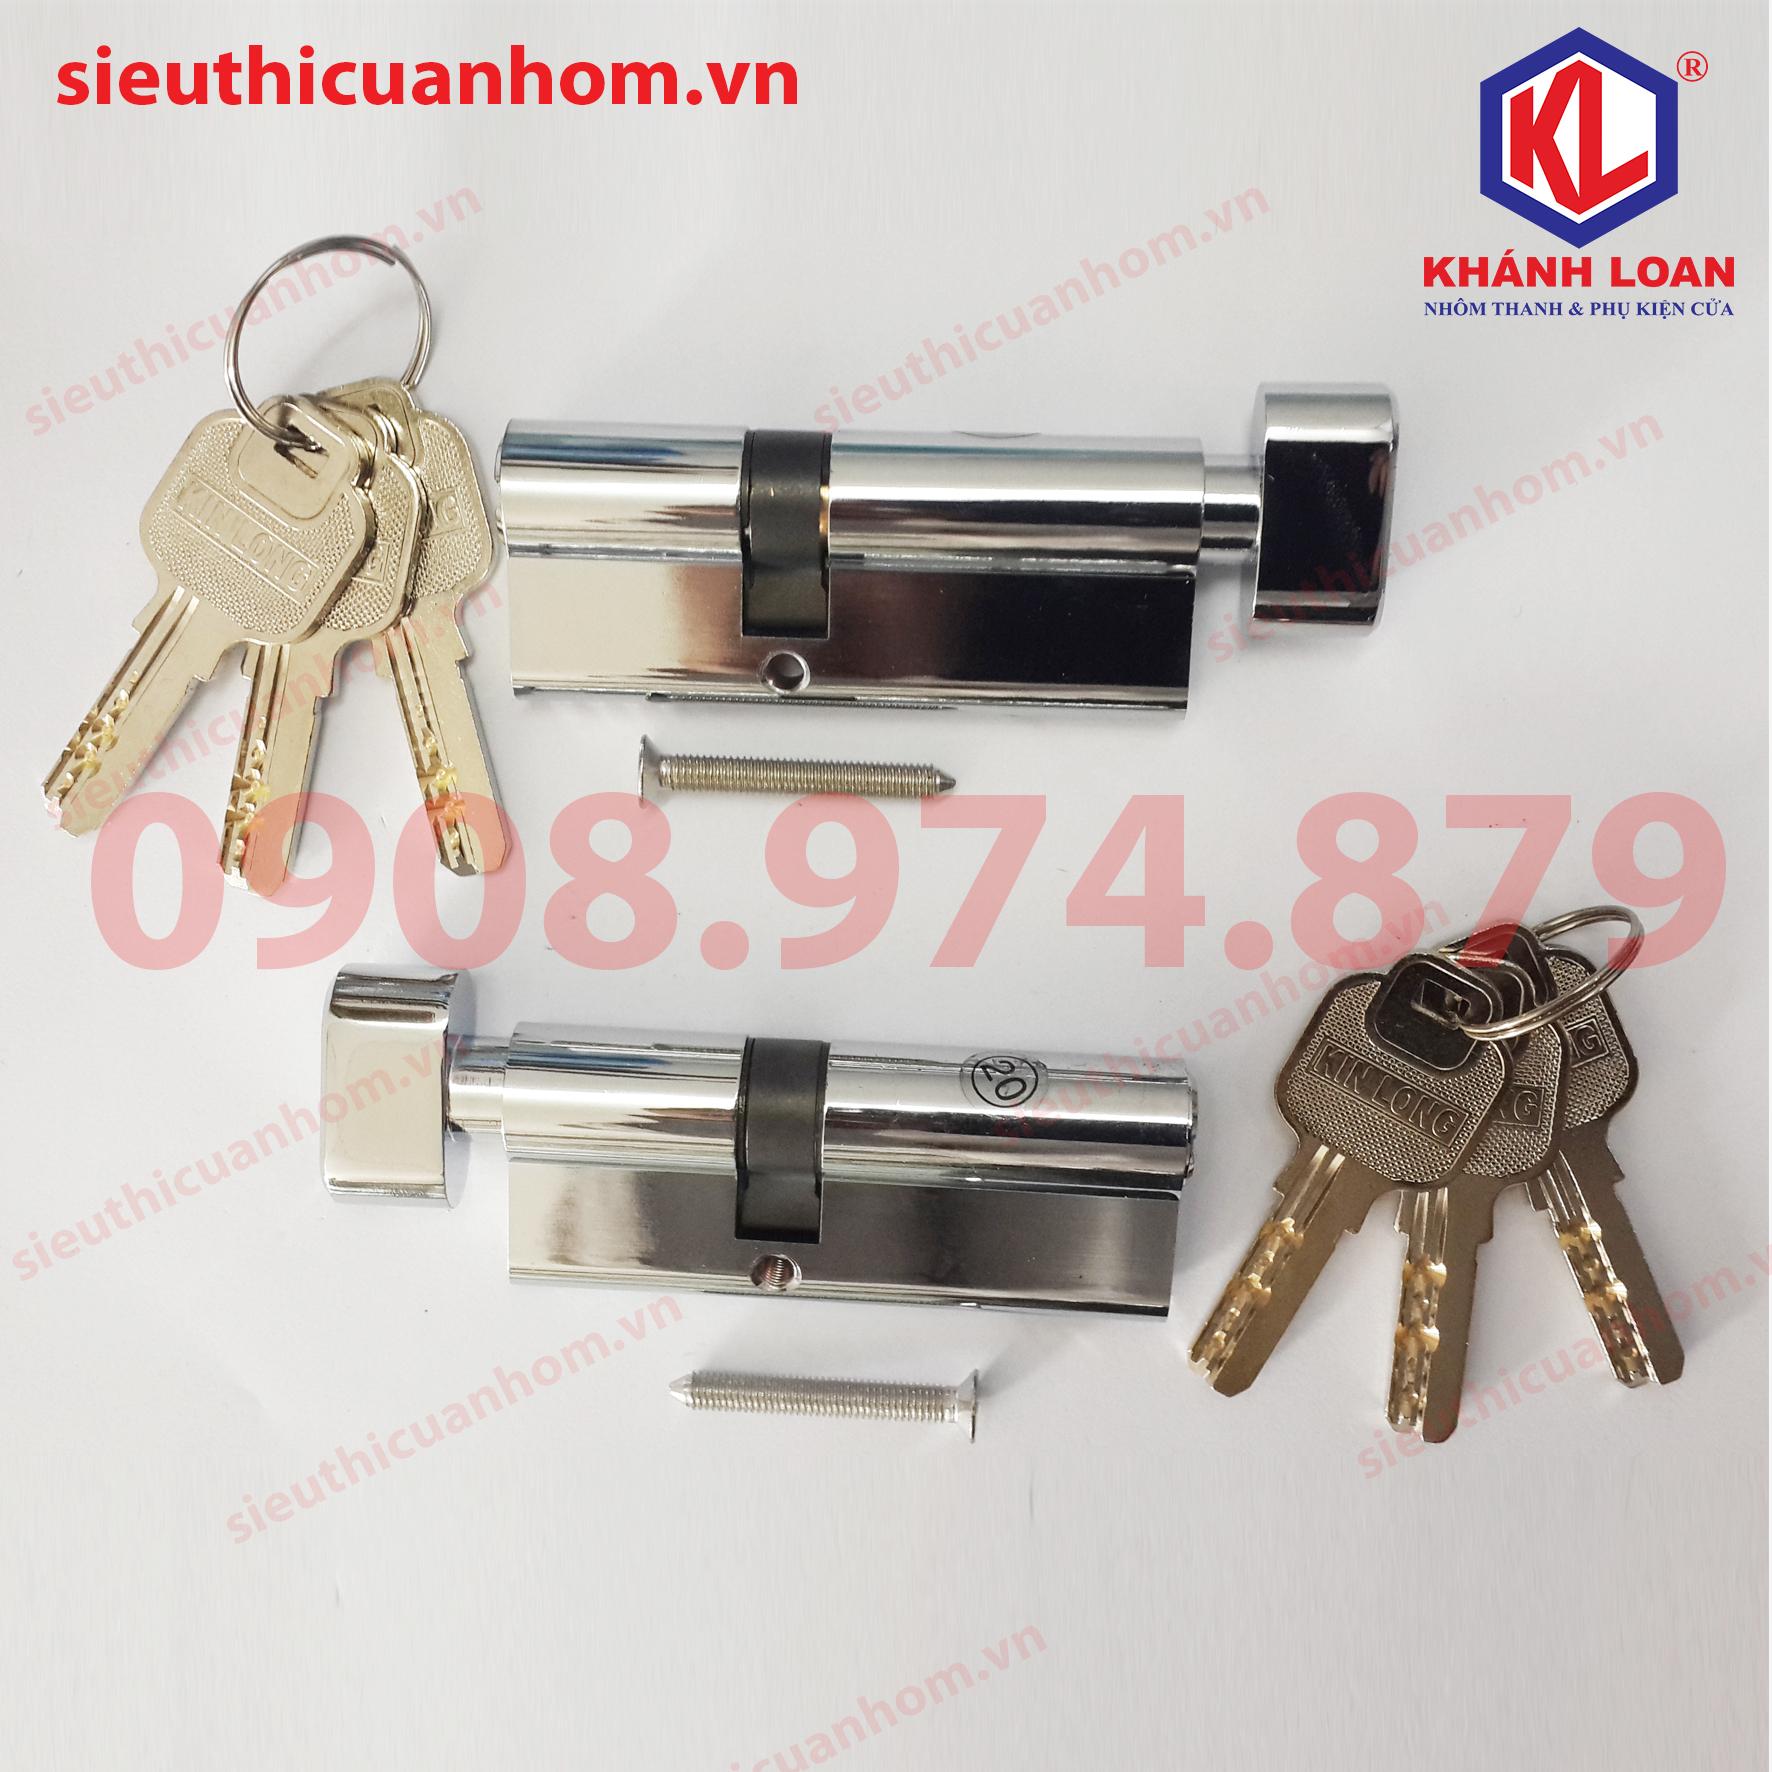 KIL4732T - 3247T -Lõi khóa 1 đầu chìa 1 đầu vặn